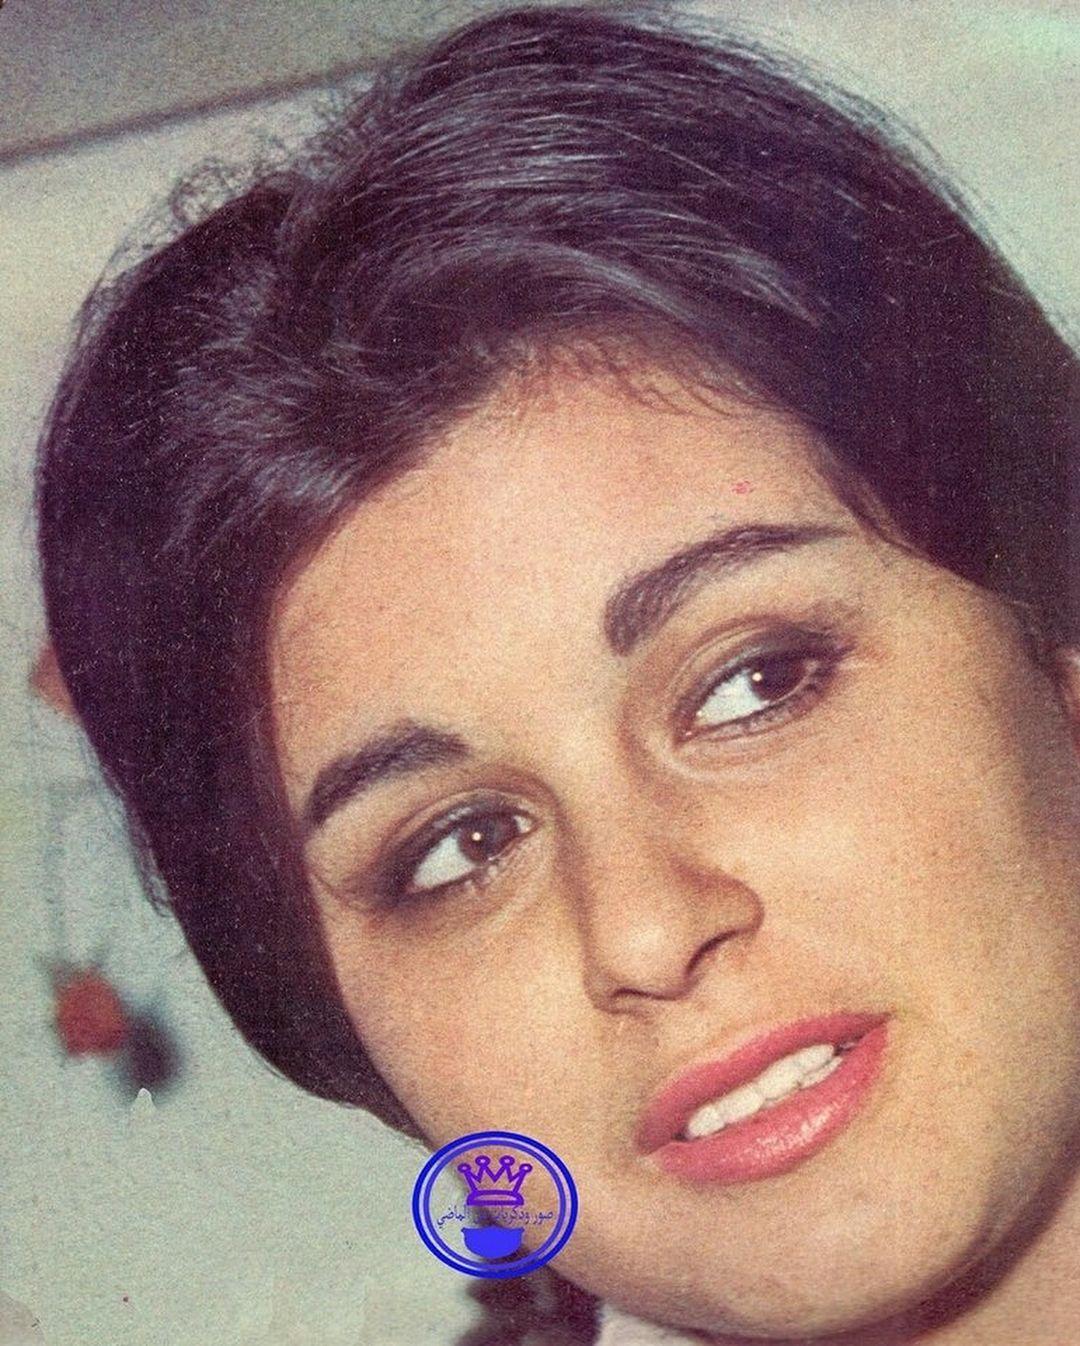 المكياج الايقوني لـ سعاد حسني كان يتمركز بشكل اساسي على العيون و إبرازها بخط الايلاينر السميك و الرموش الاصط Egyptian Actress Egyptian Movies Egyptian Beauty